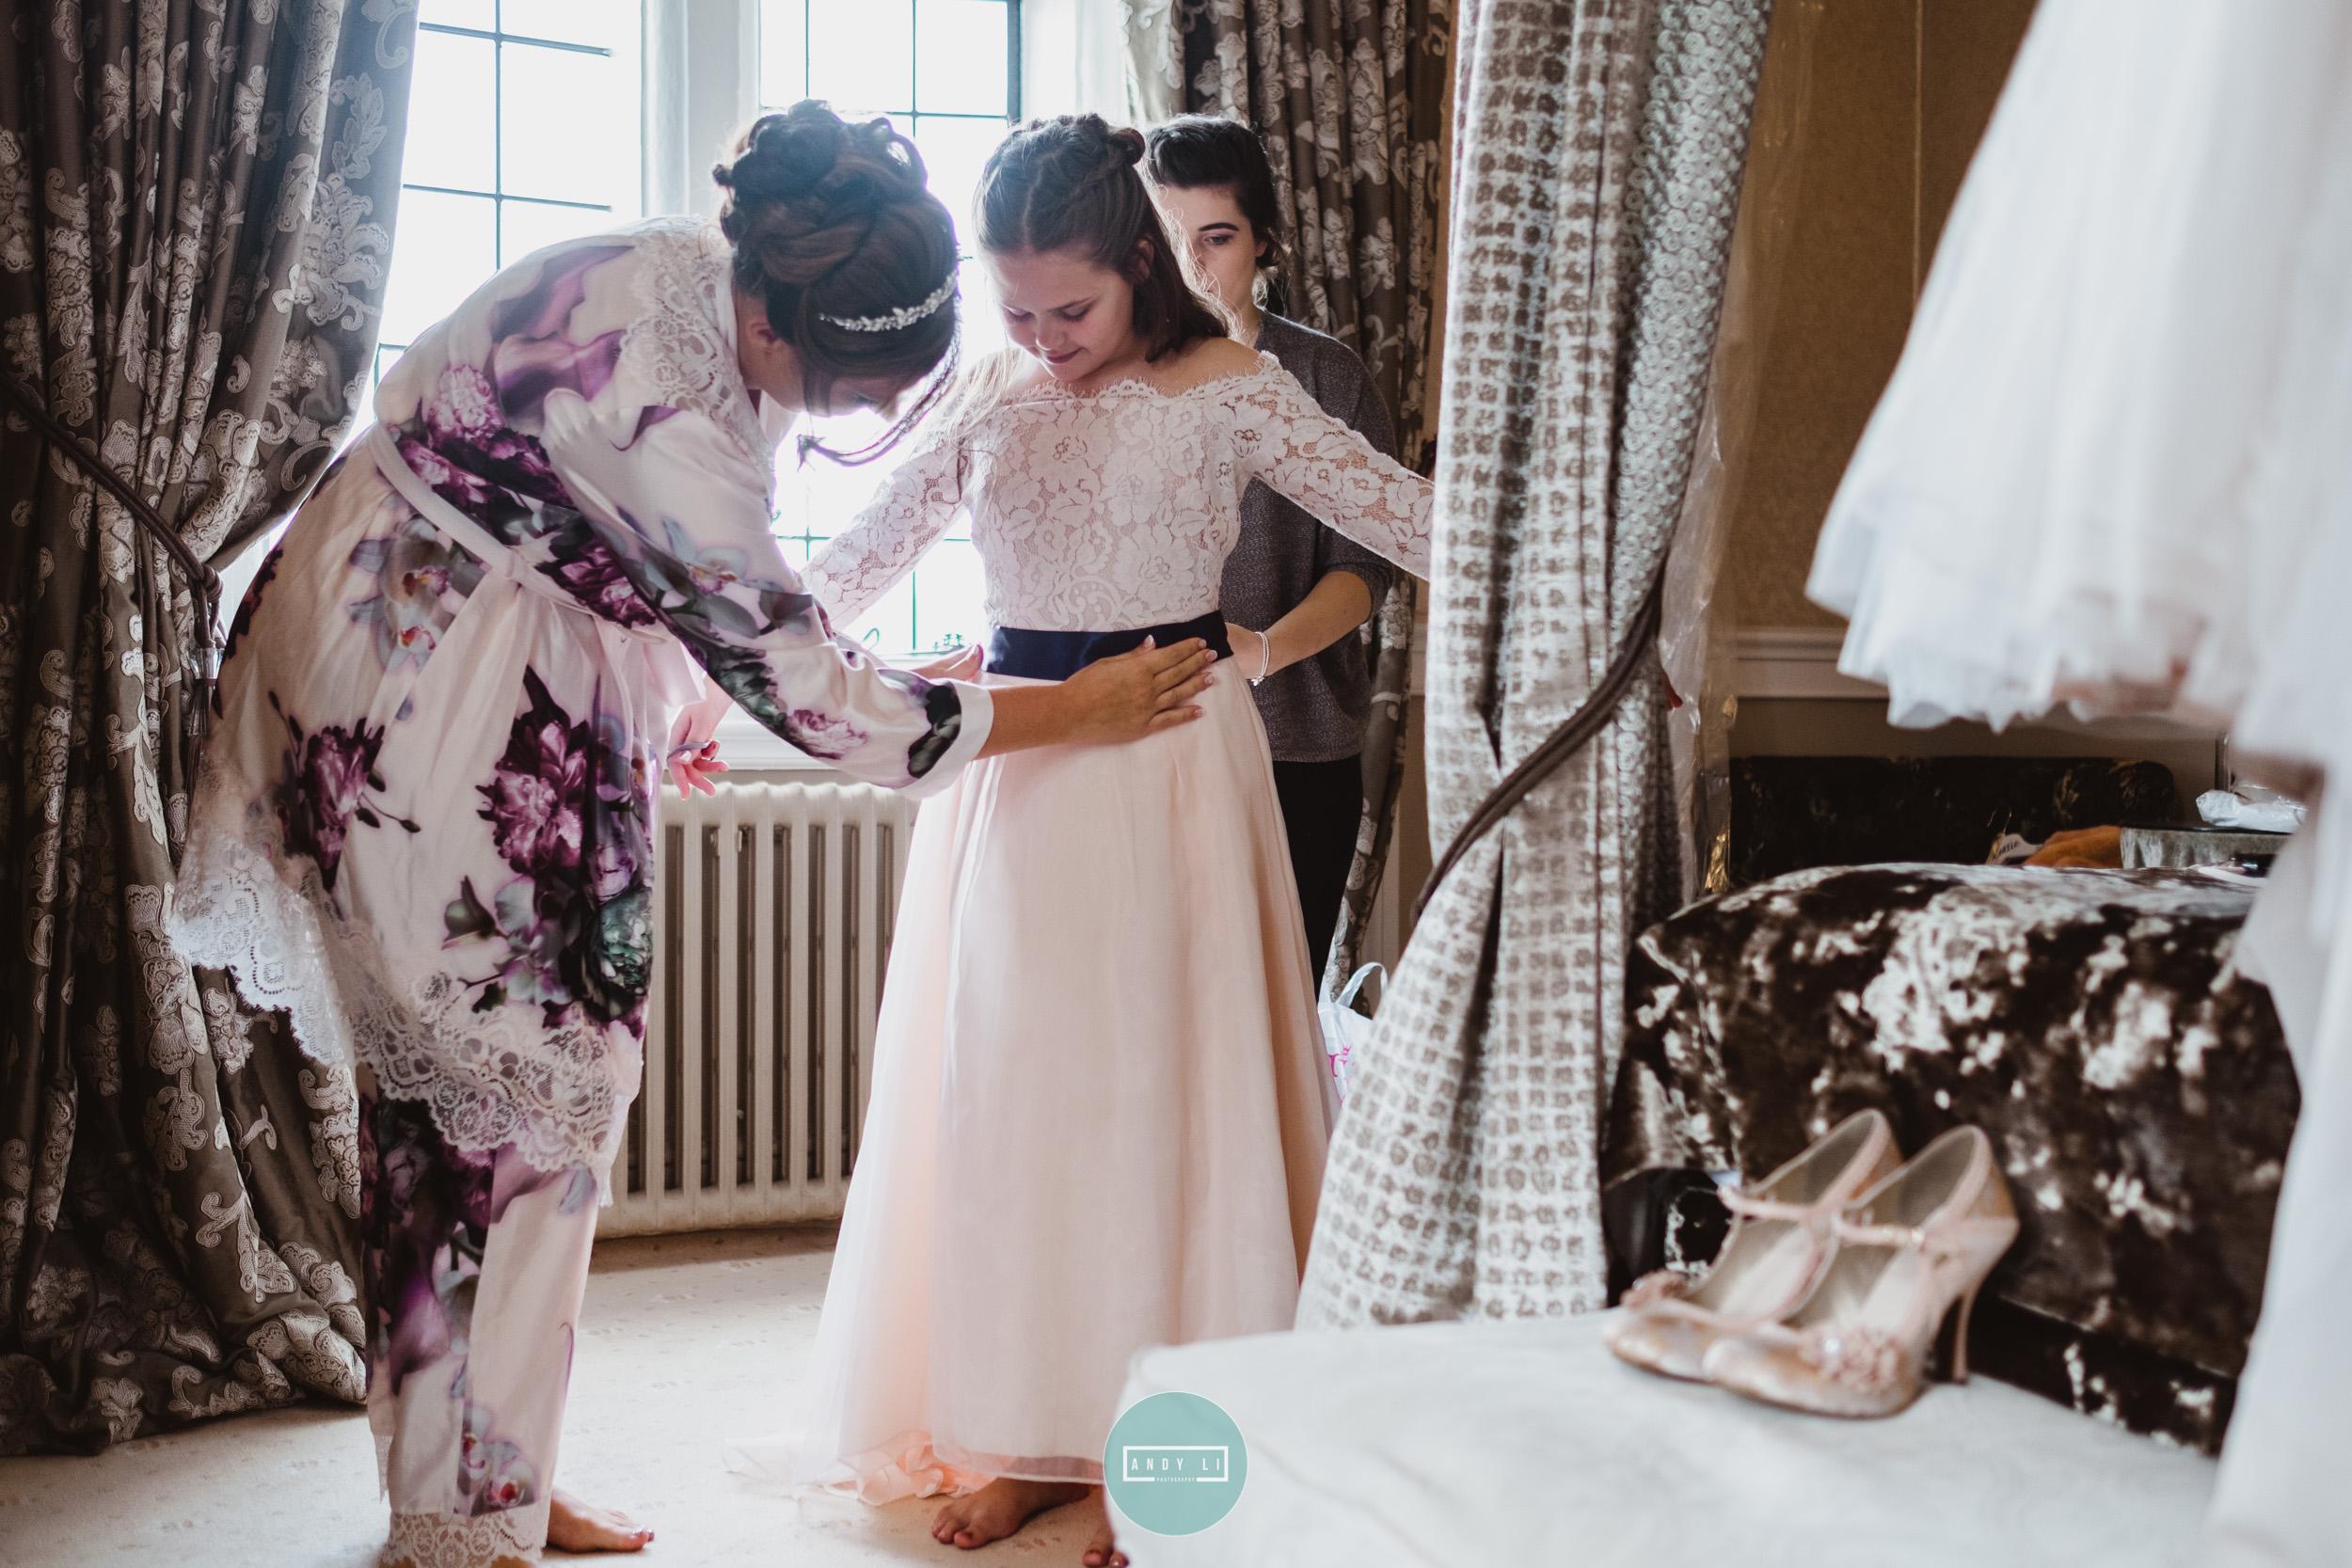 Clearwell Castle Wedding Photographer-022-AXT20026.jpg